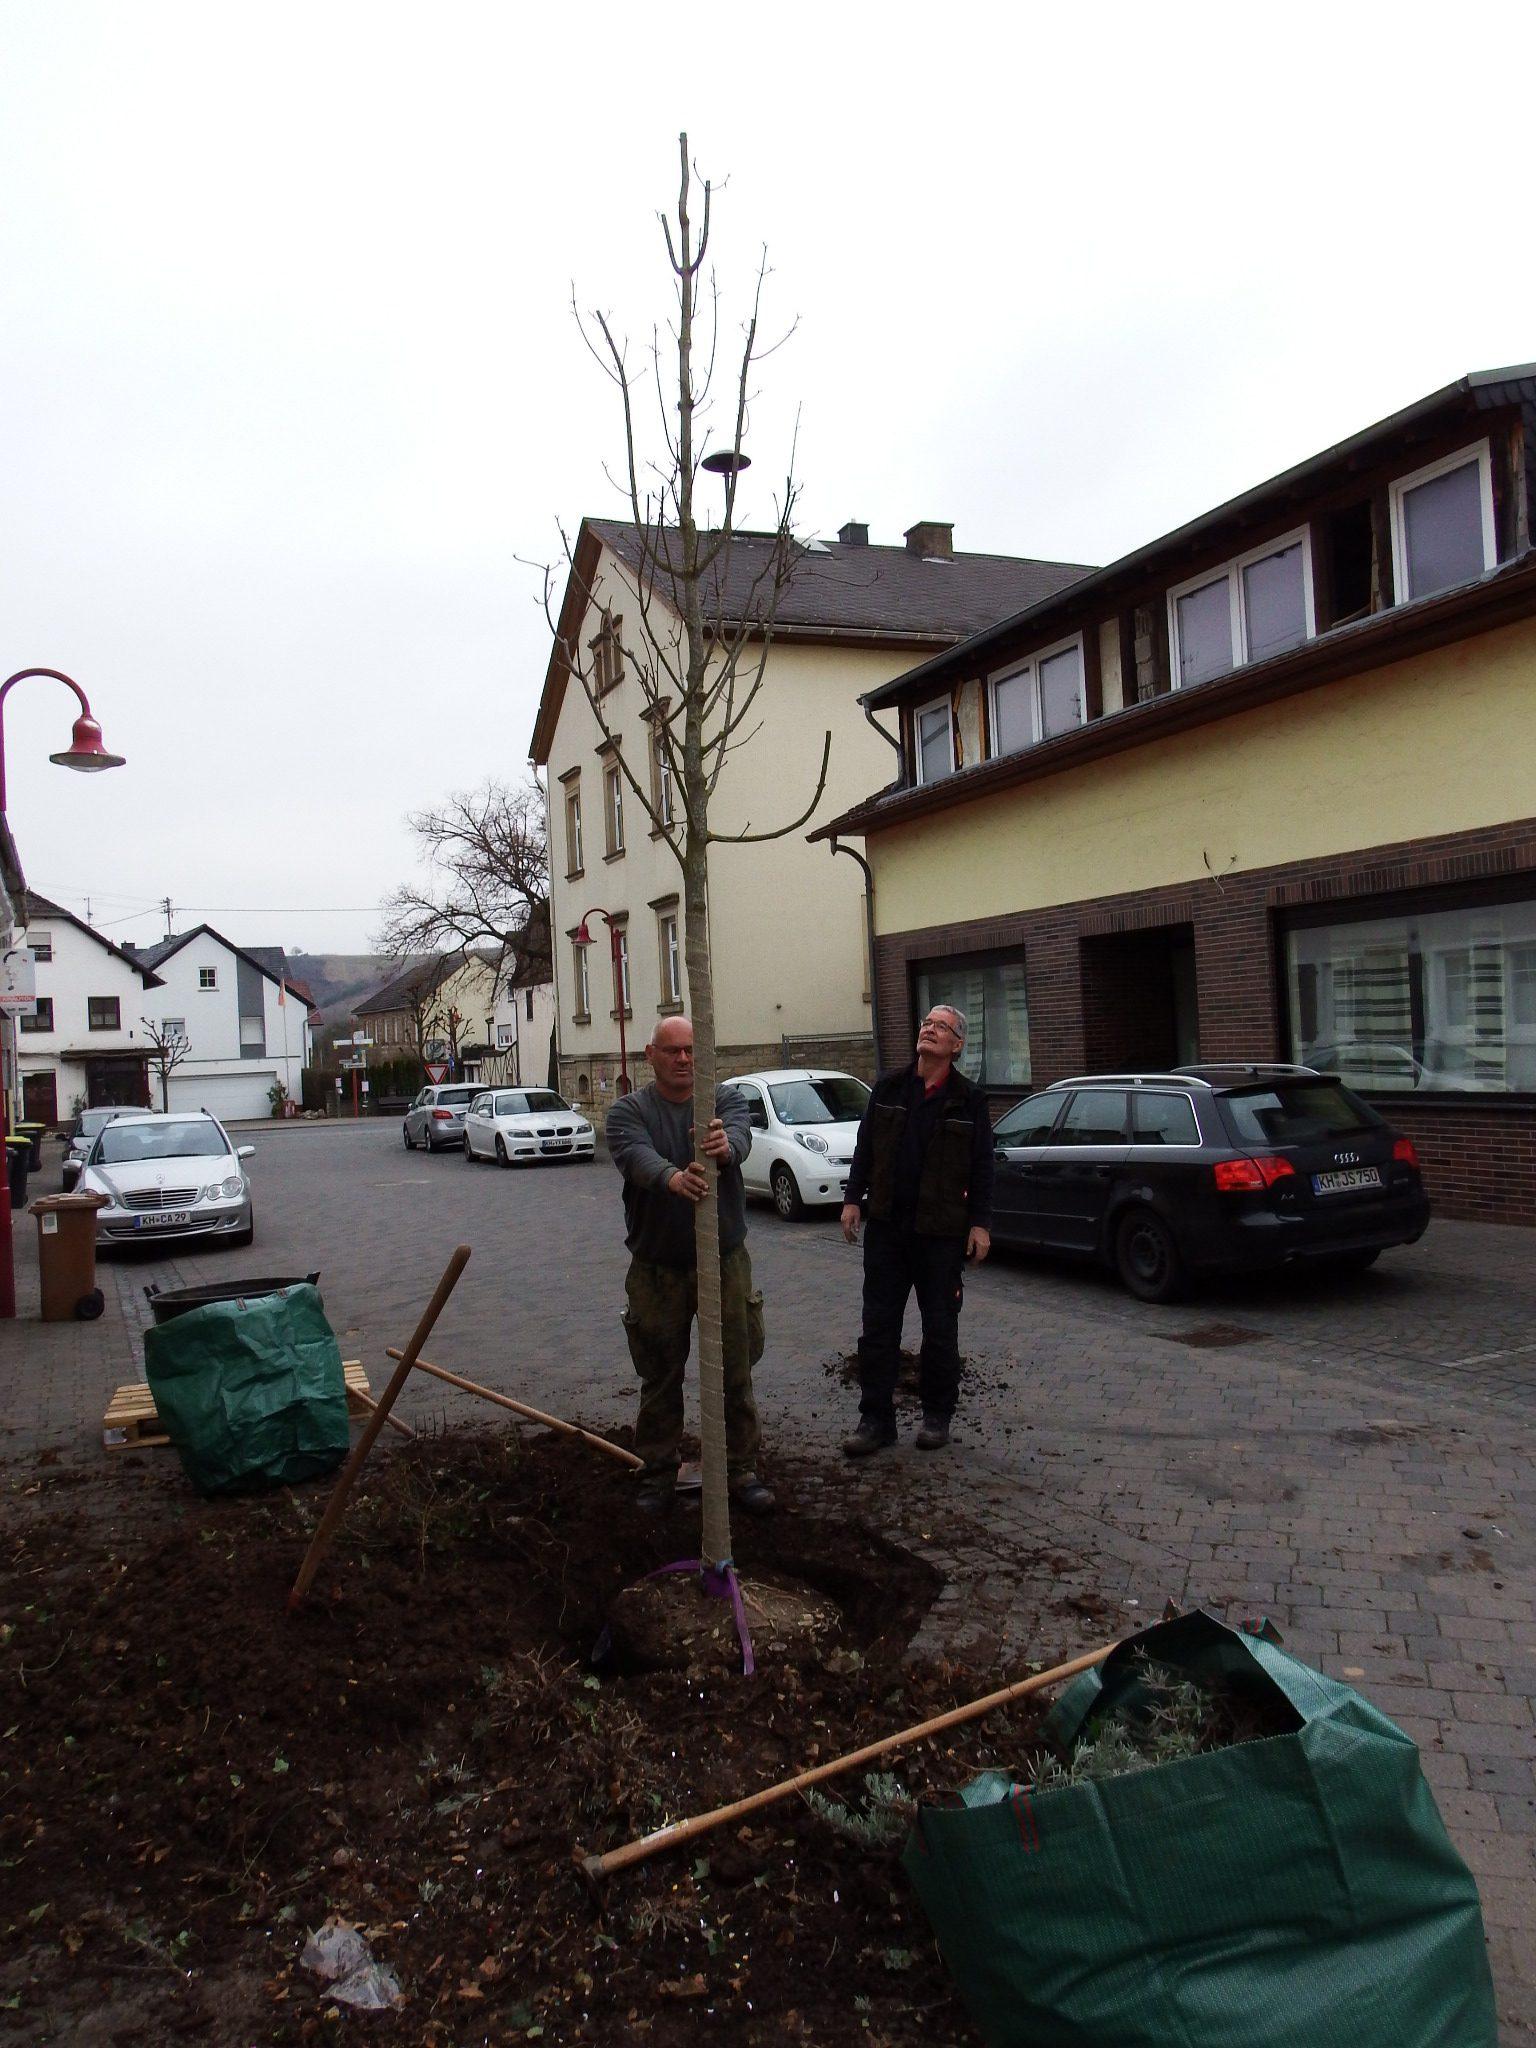 Baumpflanzung - Baum ausrichten - Baumpflege - Galabau - Baum pflanzen